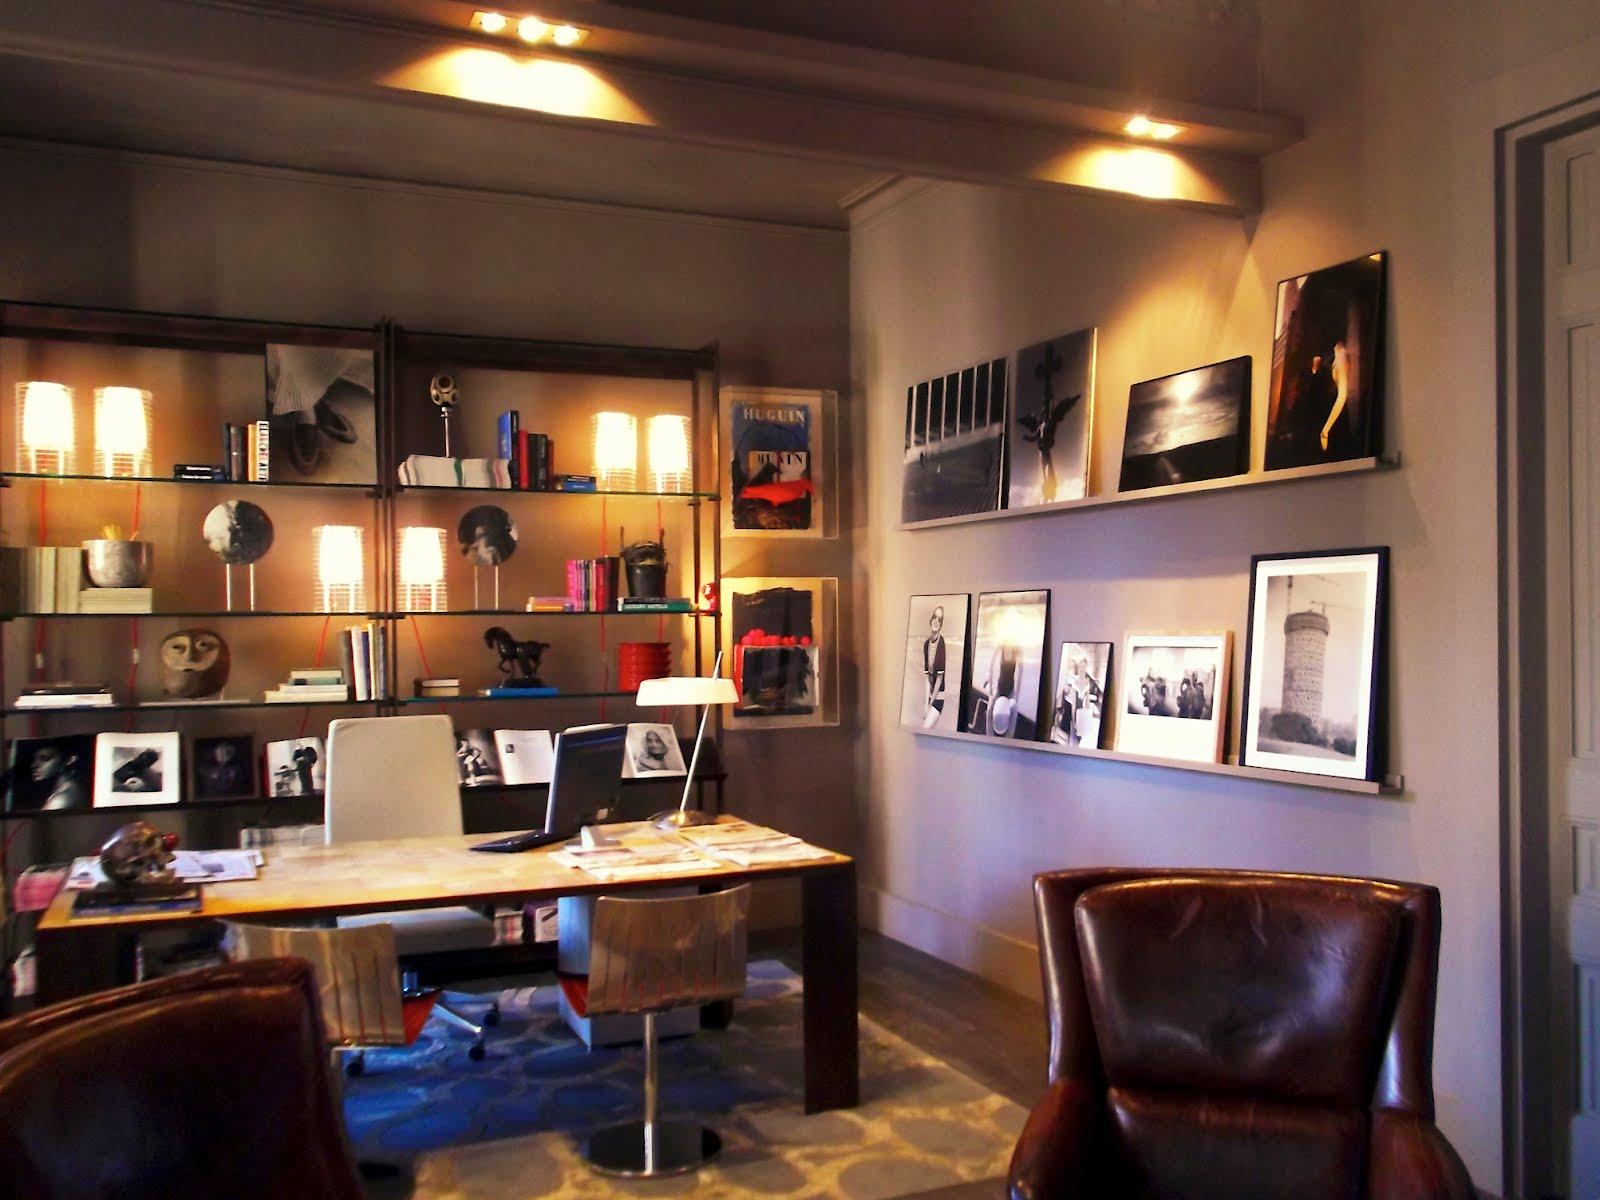 Xito de ricardo miras en casa decor blog arquitectura y - Como decorar un despacho en casa ...